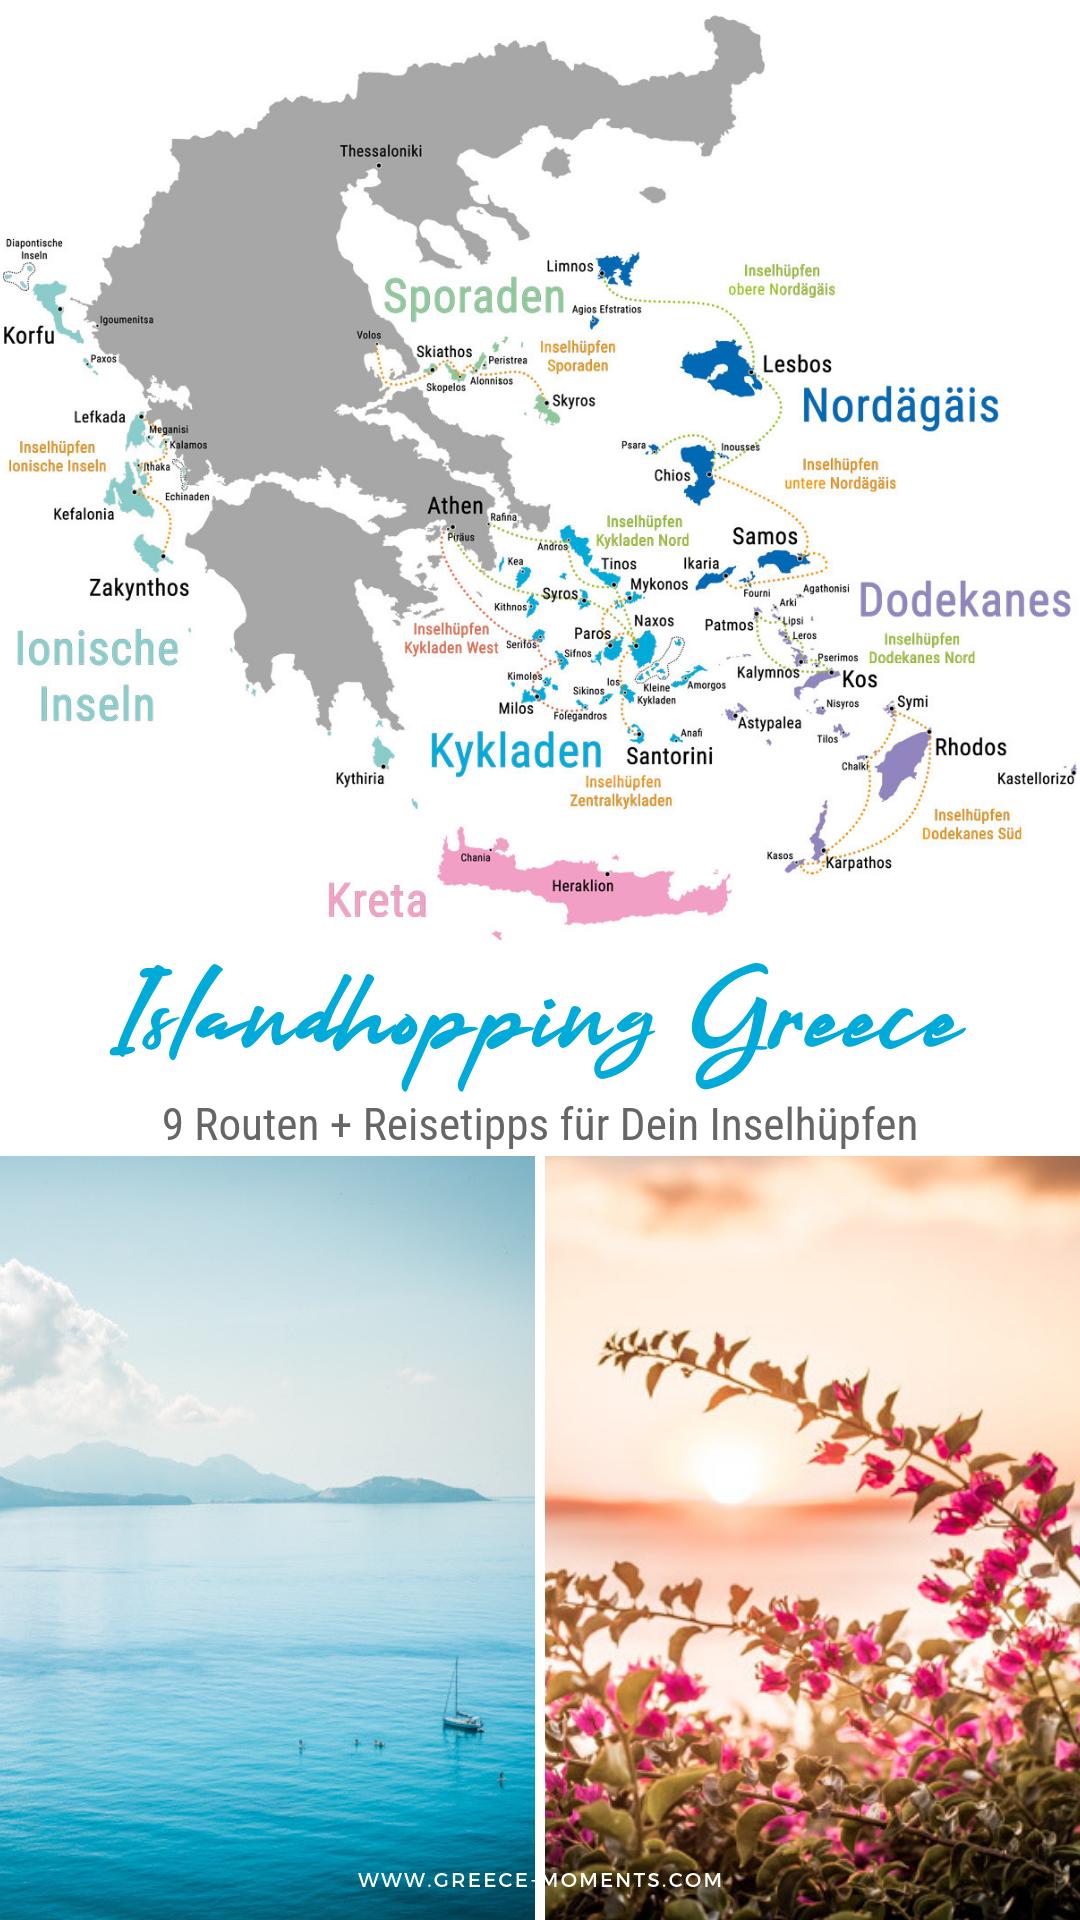 Inselhopping Griechenland 9 Inselhupfen Routen Tipps Kosten Inselhopping Griechenland Griechenland Soloreisen